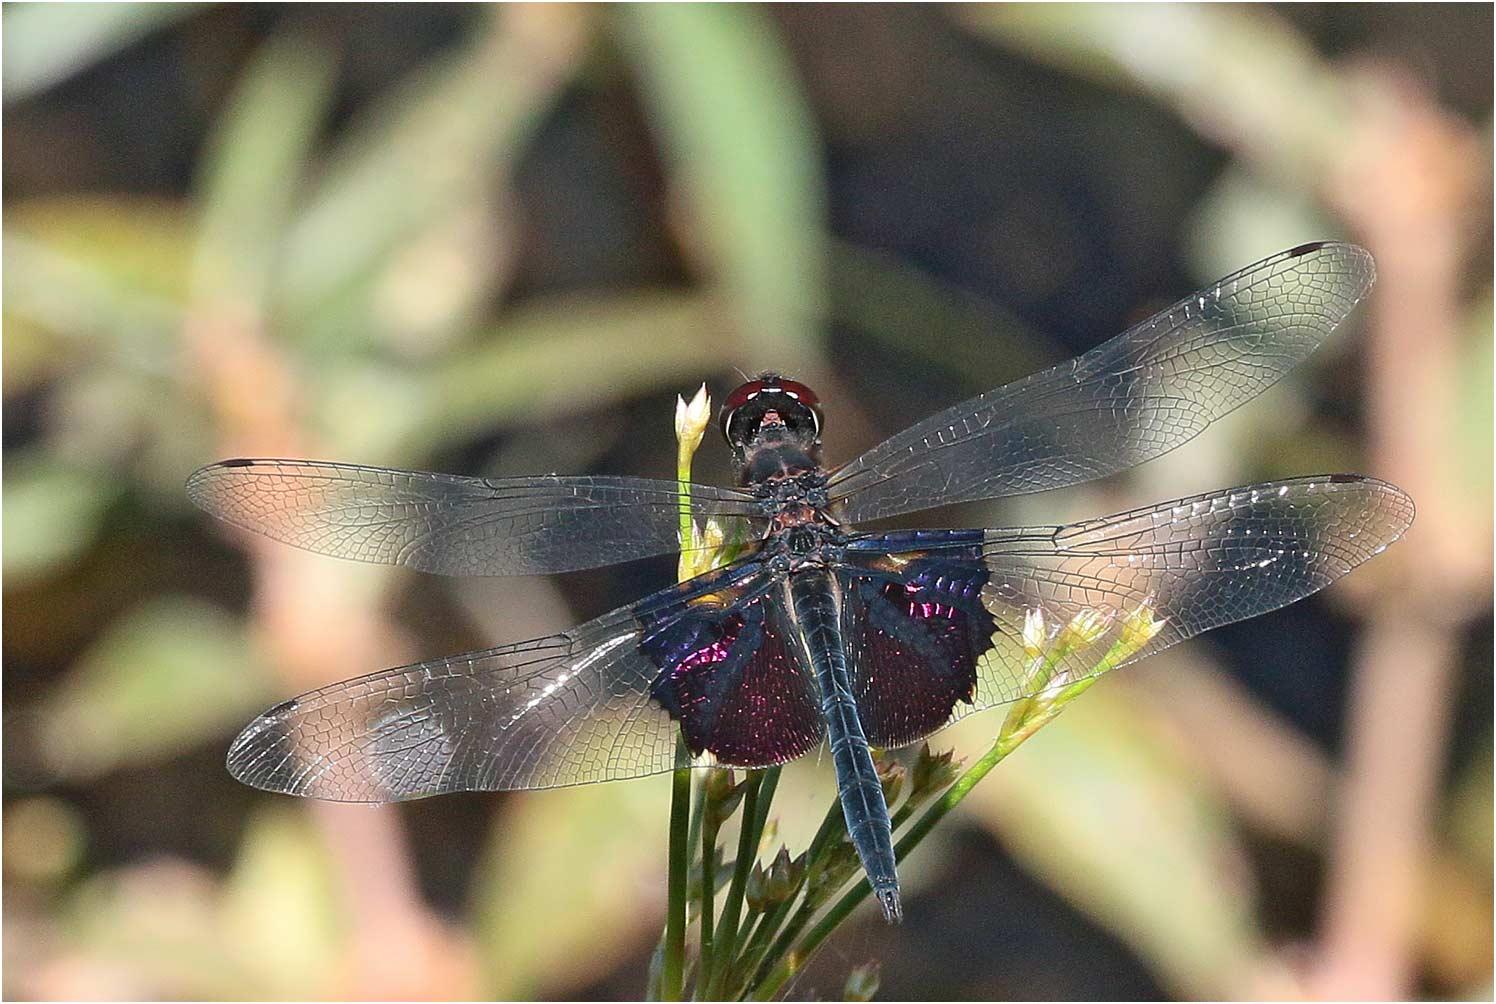 Rhyothemis semihyalina mâle, Namibie, barrage Van Bach, 08/02/2020